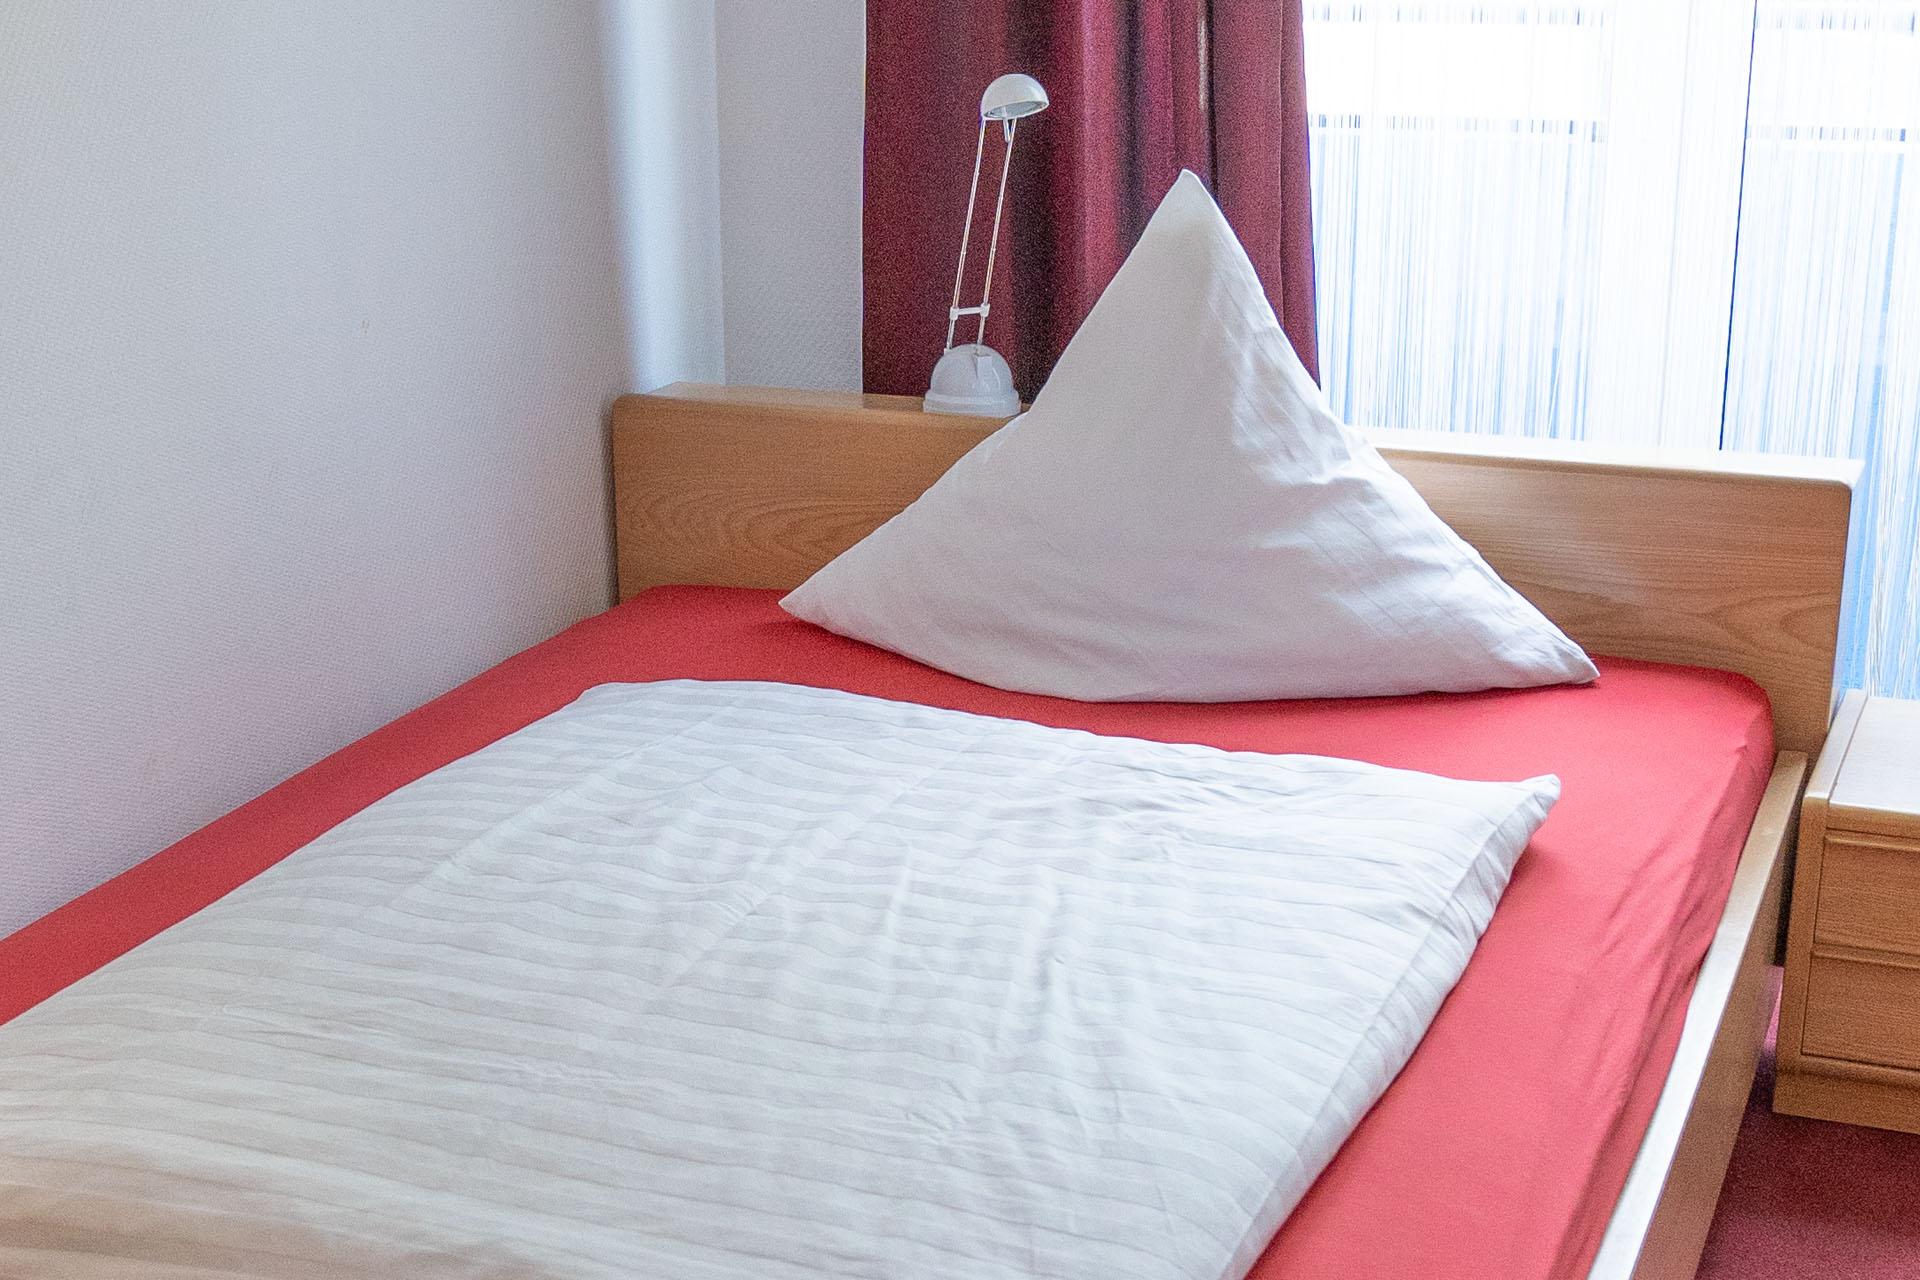 Hotel_Aggertal_Zimmer_Einzelzimmer01